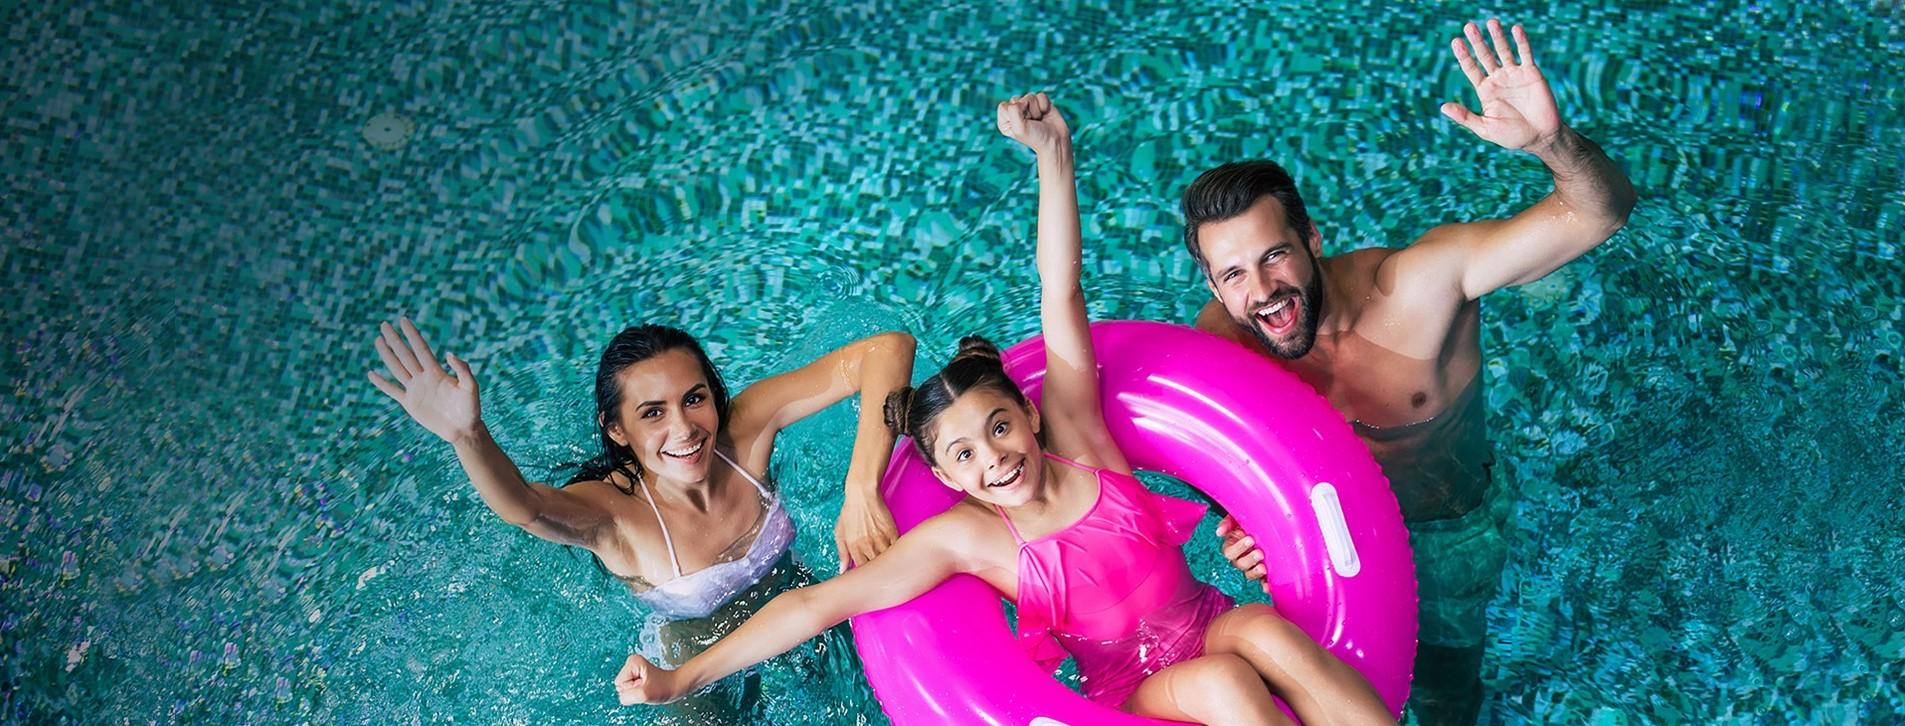 Фото - Сімейні SPA канікули у Закарпатті